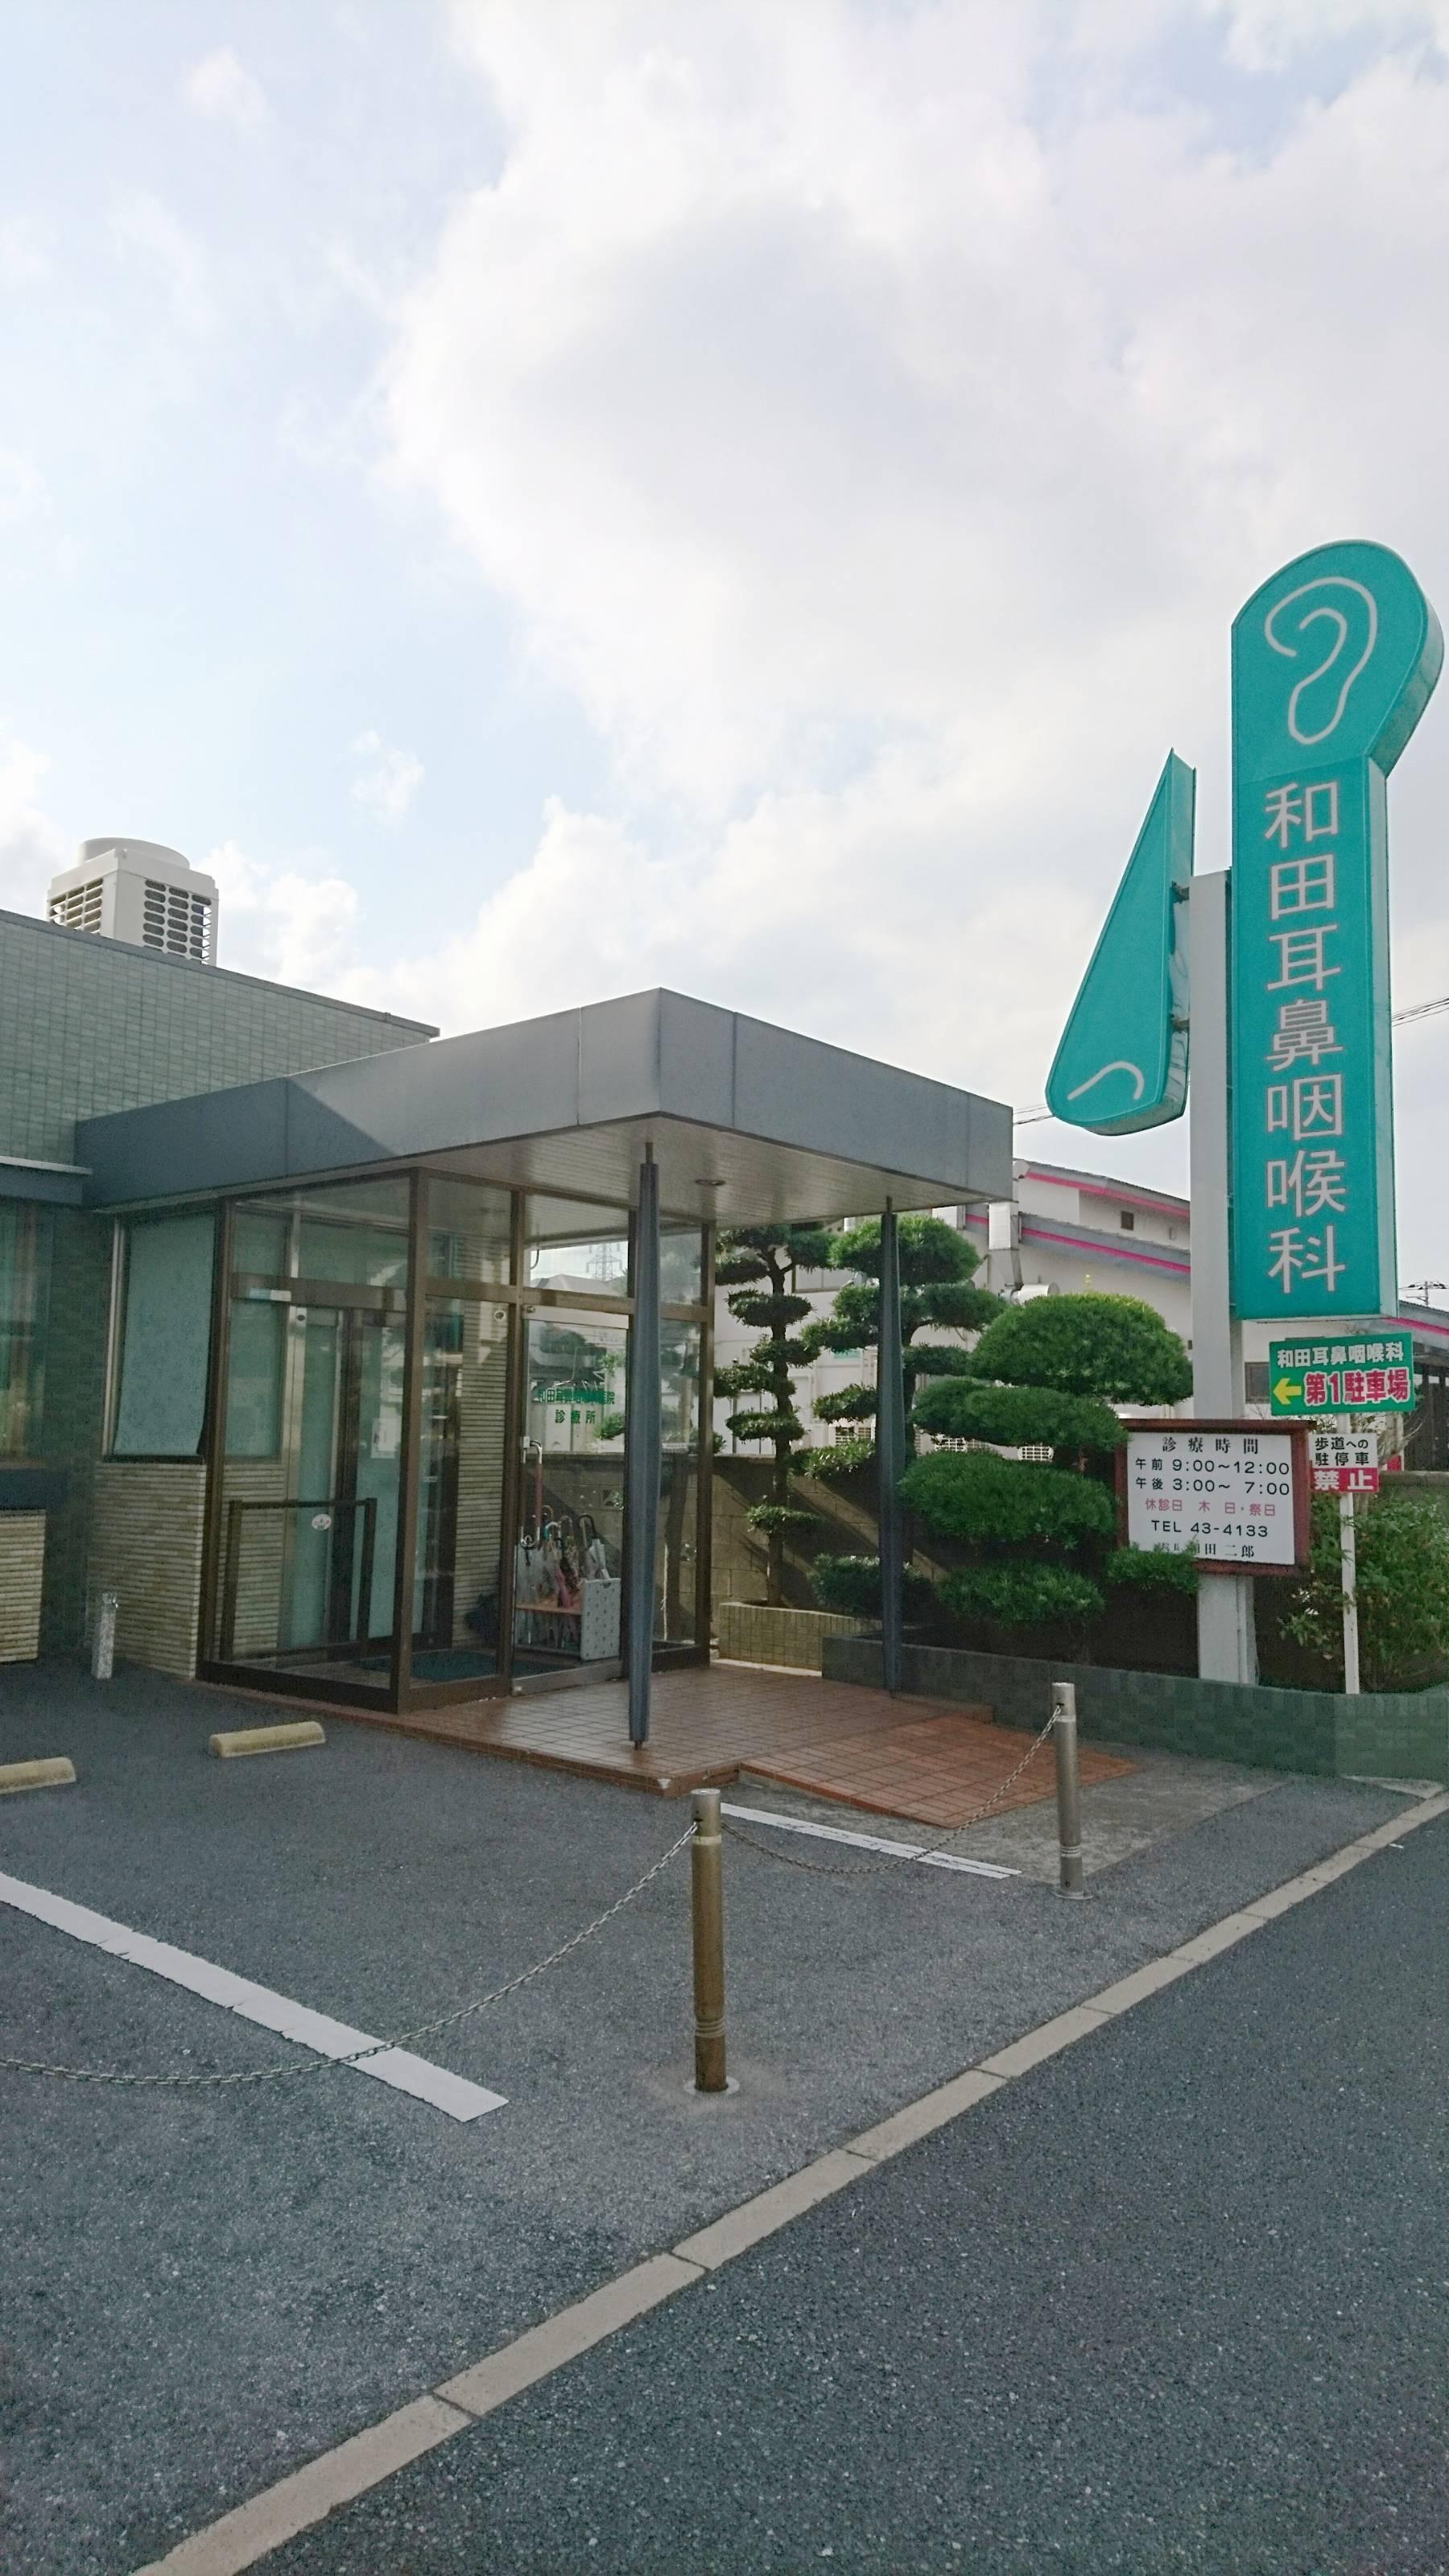 和田耳鼻咽喉科医院